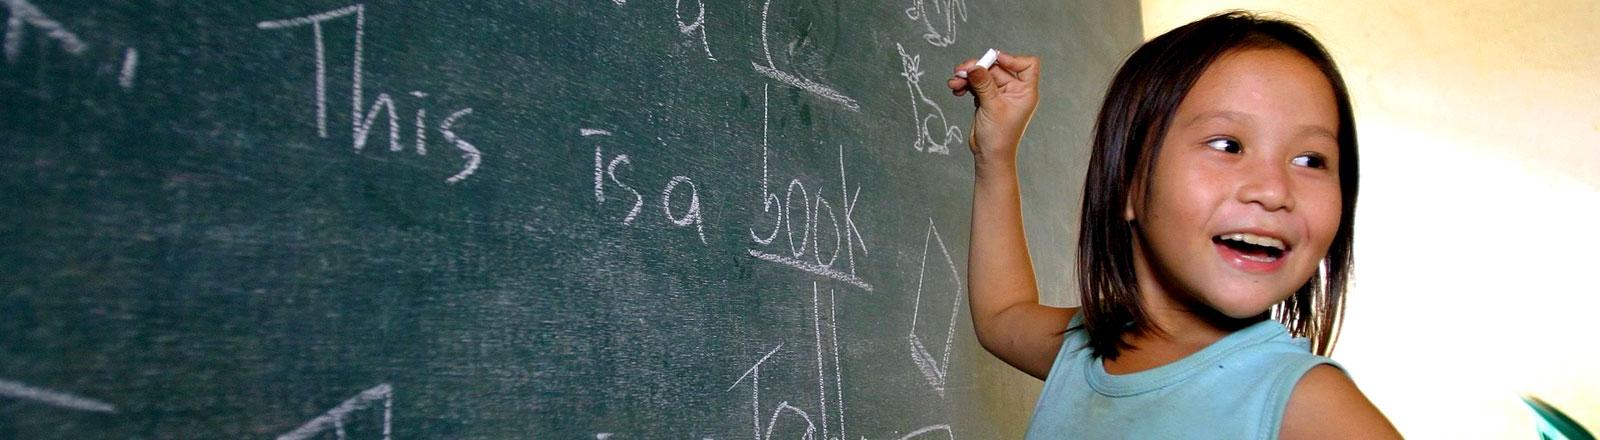 Ein Mädchen mit asiatischen Gesichtszügen steht an einer Tafel und schreibt englische Worte daran.